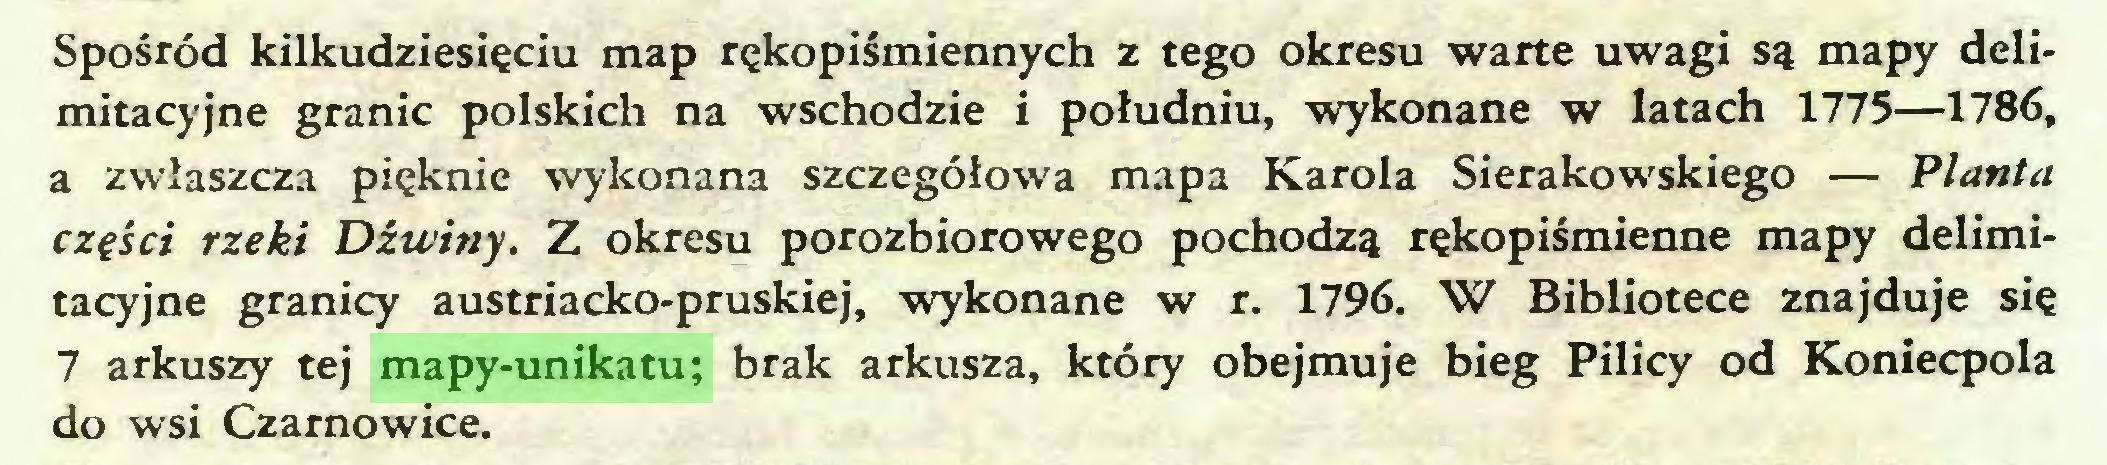 (...) Spośród kilkudziesięciu map rękopiśmiennych z tego okresu warte uwagi są mapy delimitacyjne granic polskich na wschodzie i południu, wykonane w latach 1775—1786, a zwłaszcza pięknie wykonana szczegółowa mapa Karola Sierakowskiego — Planta części rzeki Dźwiny. Z okresu porozbiorowego pochodzą rękopiśmienne mapy delimitacyjne granicy austriacko-pruskiej, wykonane w r. 1796. W Bibliotece znajduje się 7 arkuszy tej mapy-unikatu; brak arkusza, który obejmuje bieg Pilicy od Koniecpola do wsi Czarnowice...